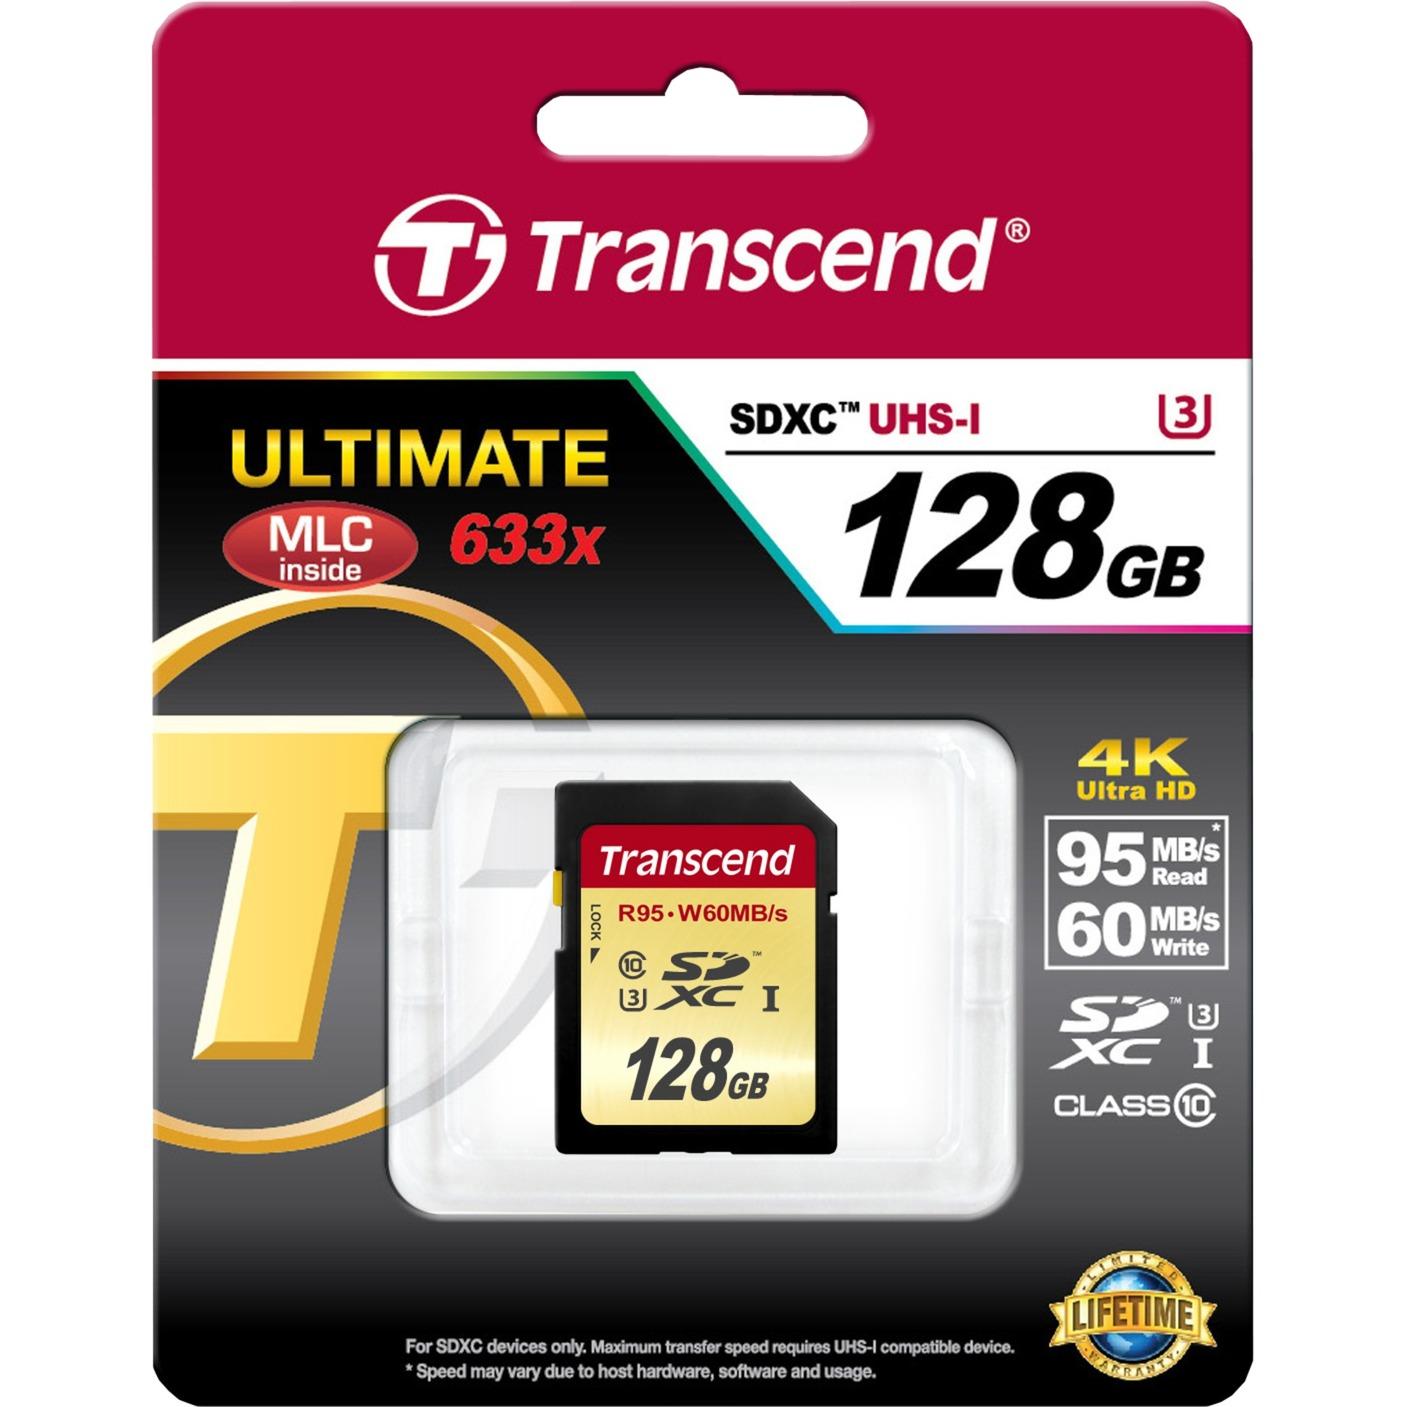 128GB, SDXC UHS-I (U3) 128GB SDXC UHS Clase 10 memoria flash, Tarjeta de memoria